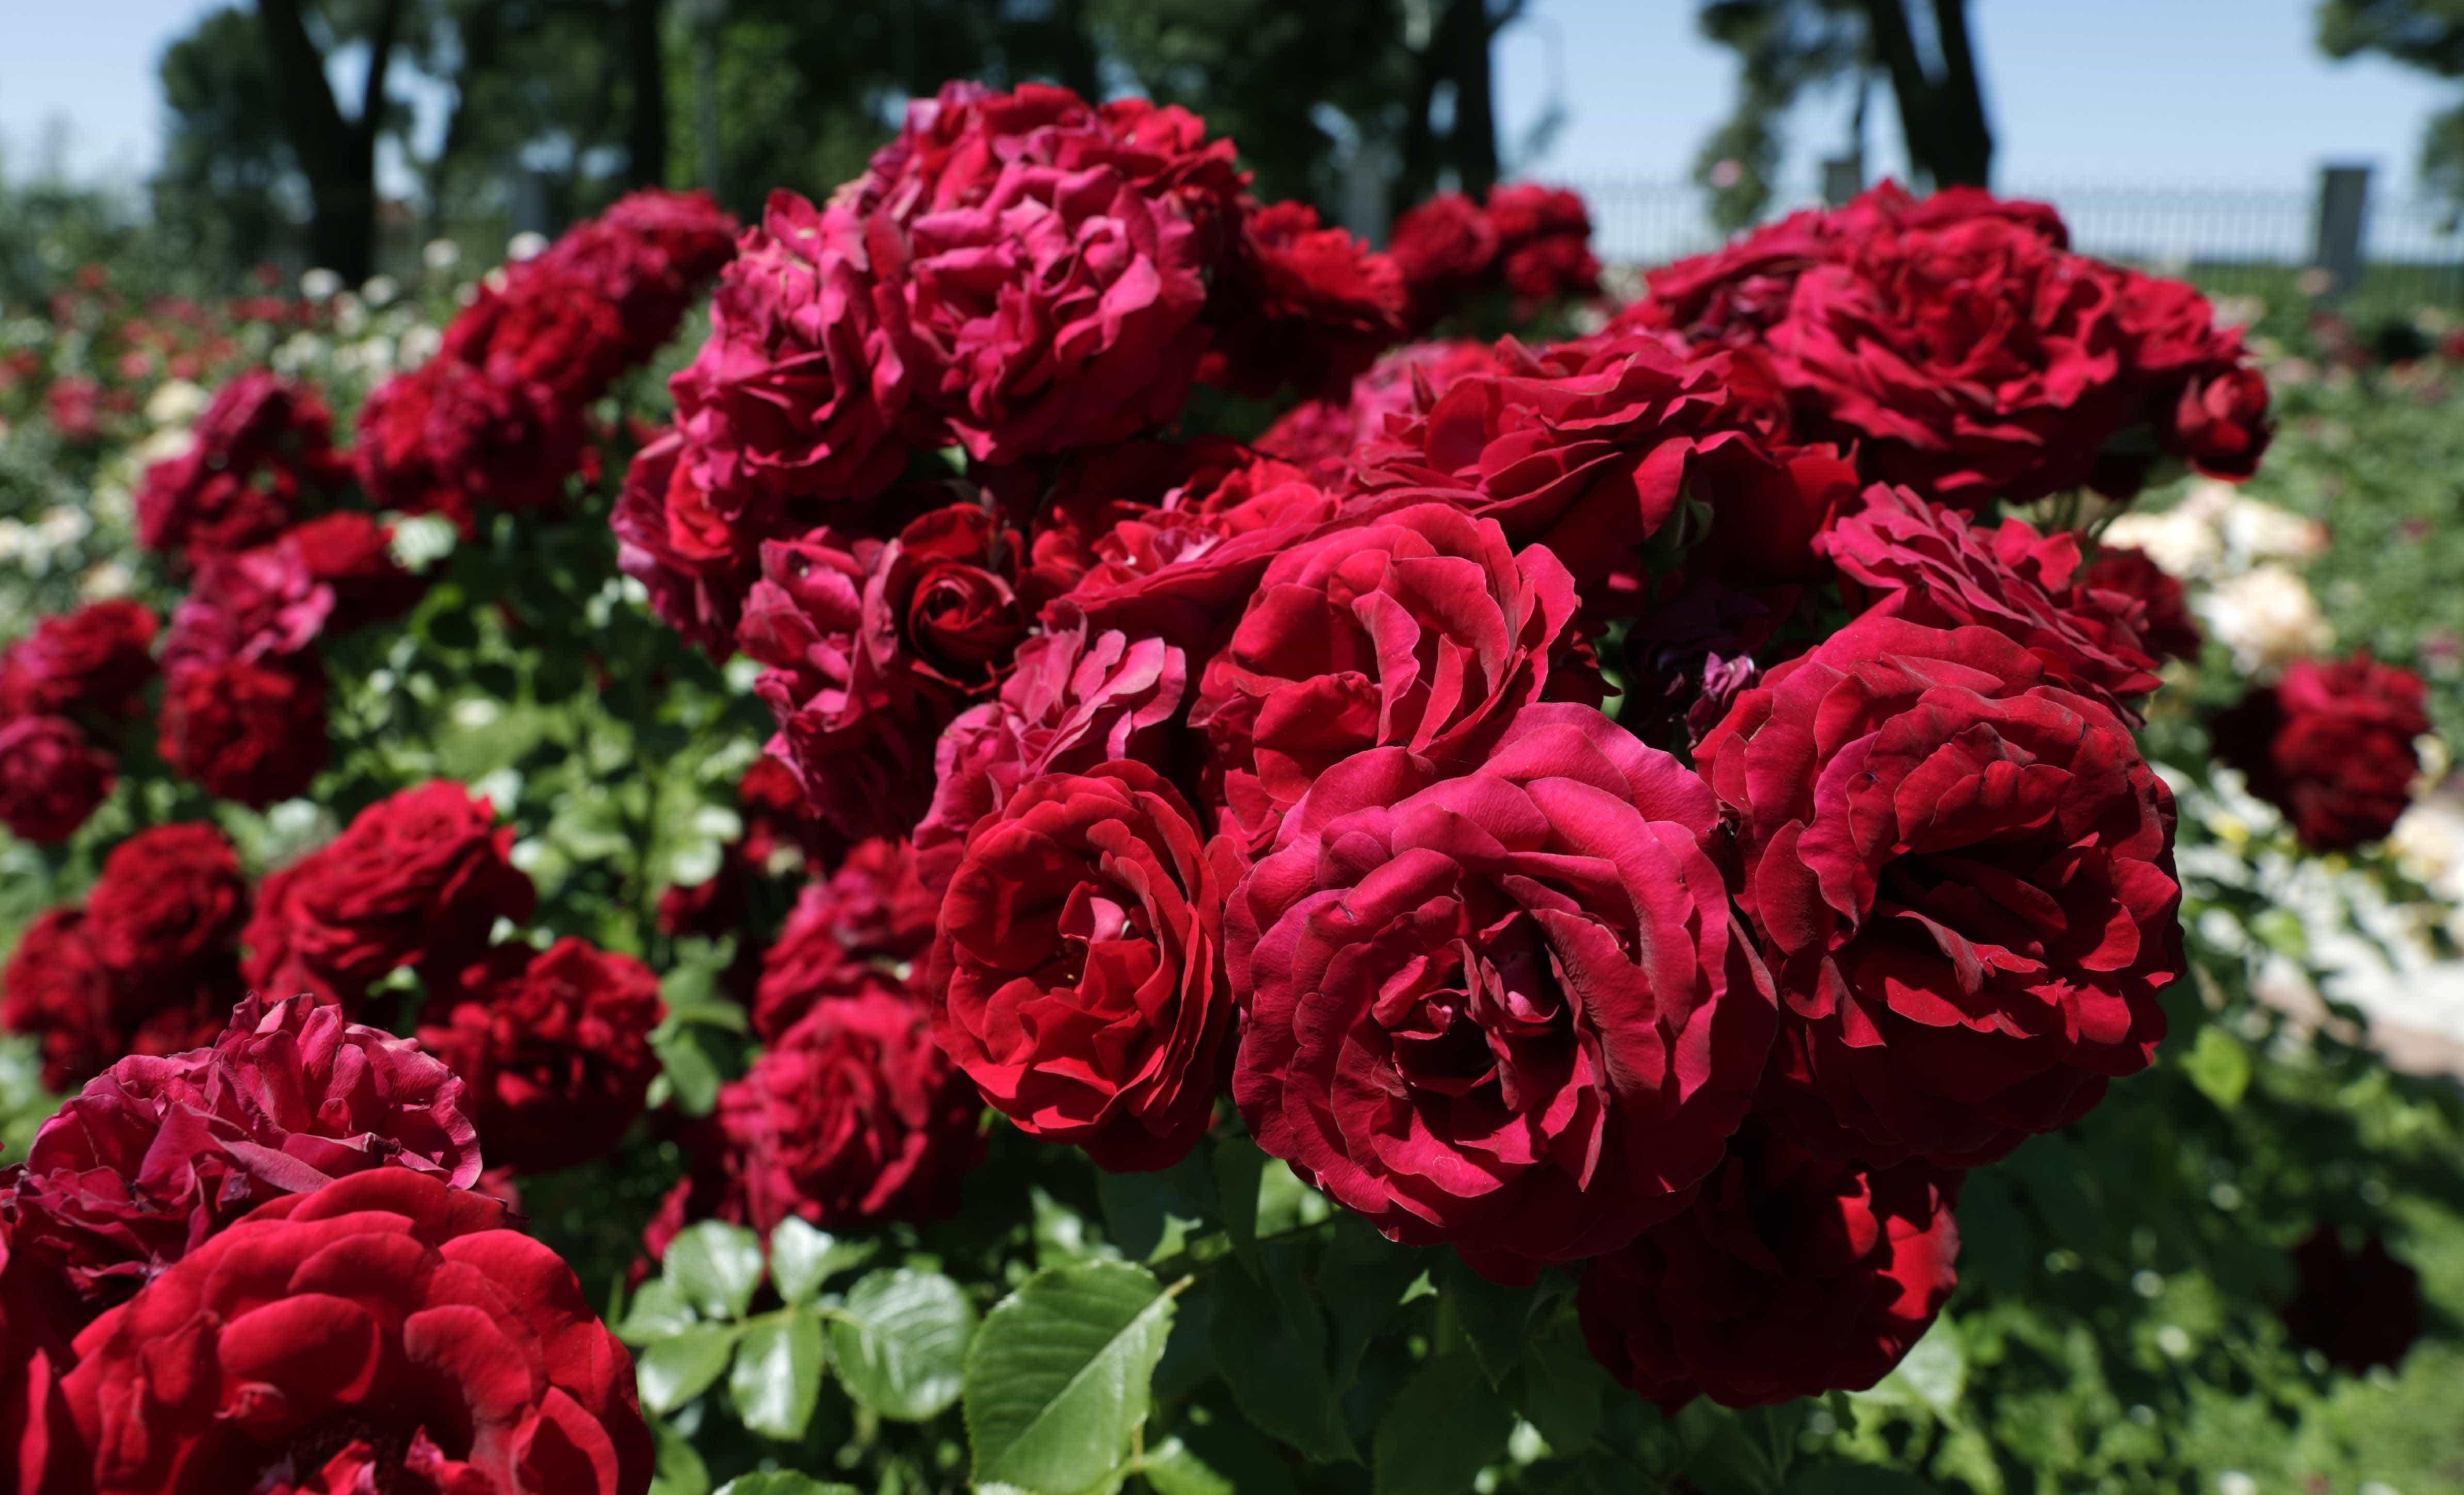 Zona retiro ste es el rosal m s bonito de todo madrid for Viveros el rosal